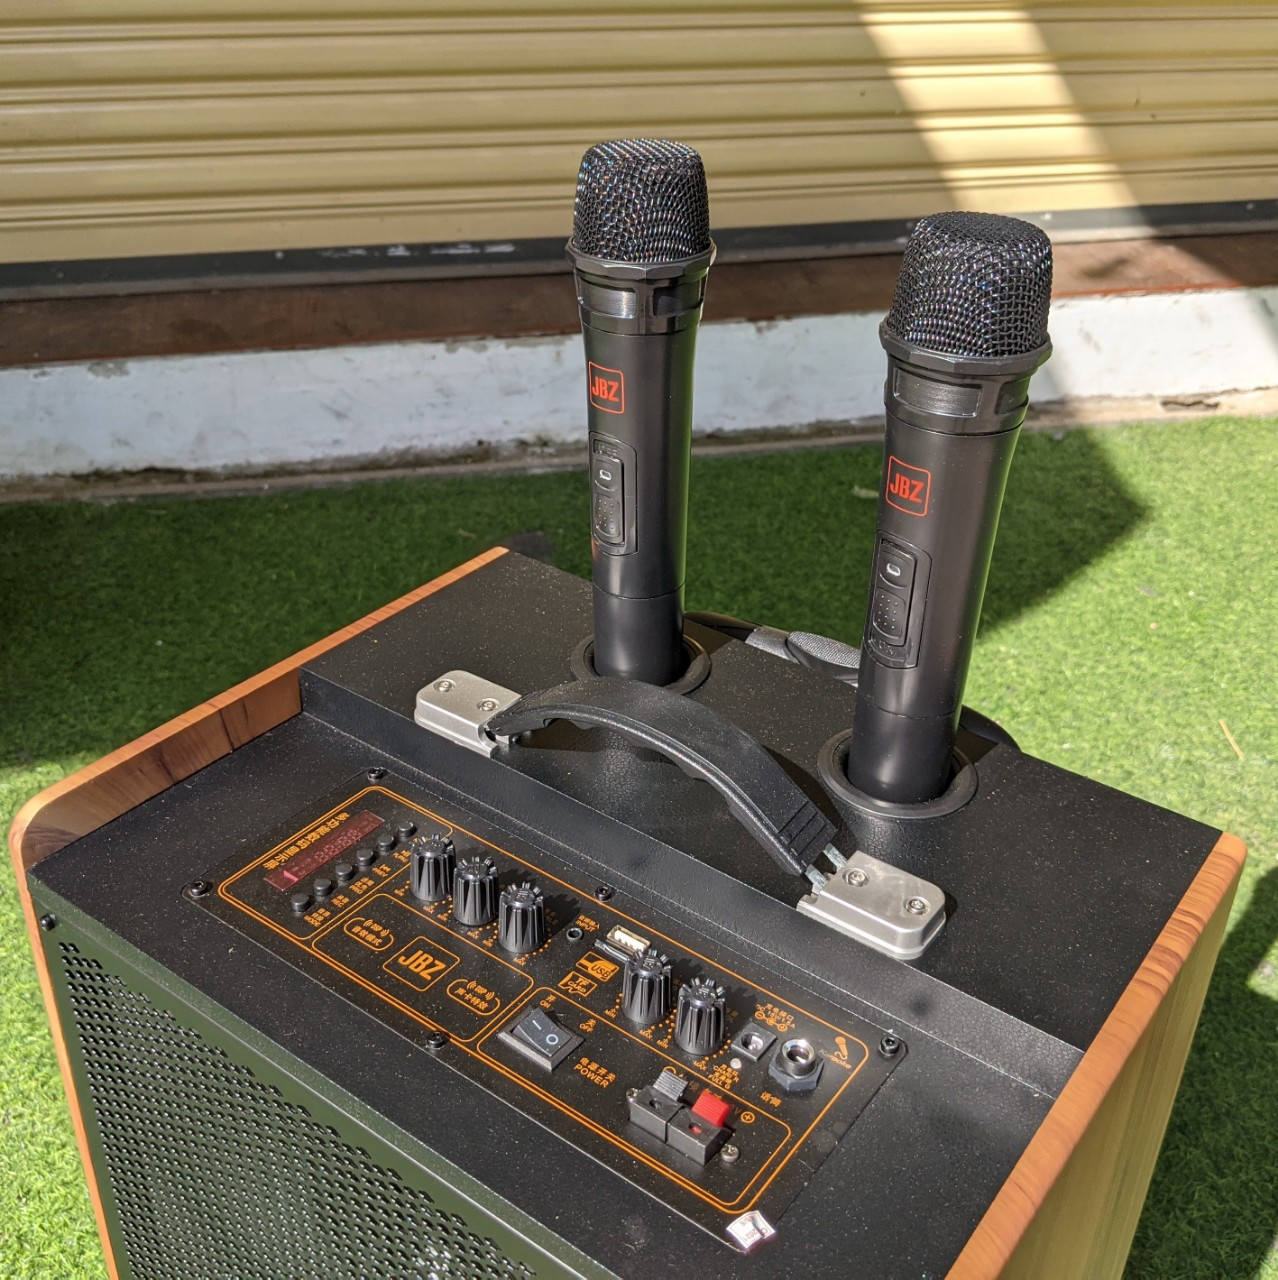 Loa kéo di động JBZ J1 - Bass 2 tấc - Loa kéo 2 đường tiếng công suất mạnh mẽ - Thiết kế nhỏ gọn, sang trọng - Tặng kèm 2 micro không dây - Đầy đủ kết nối Bluetooth 4.0, AUX, USB, SD card, cổng 6 ly kết nối micro - Có remote - Hàng chính hãng